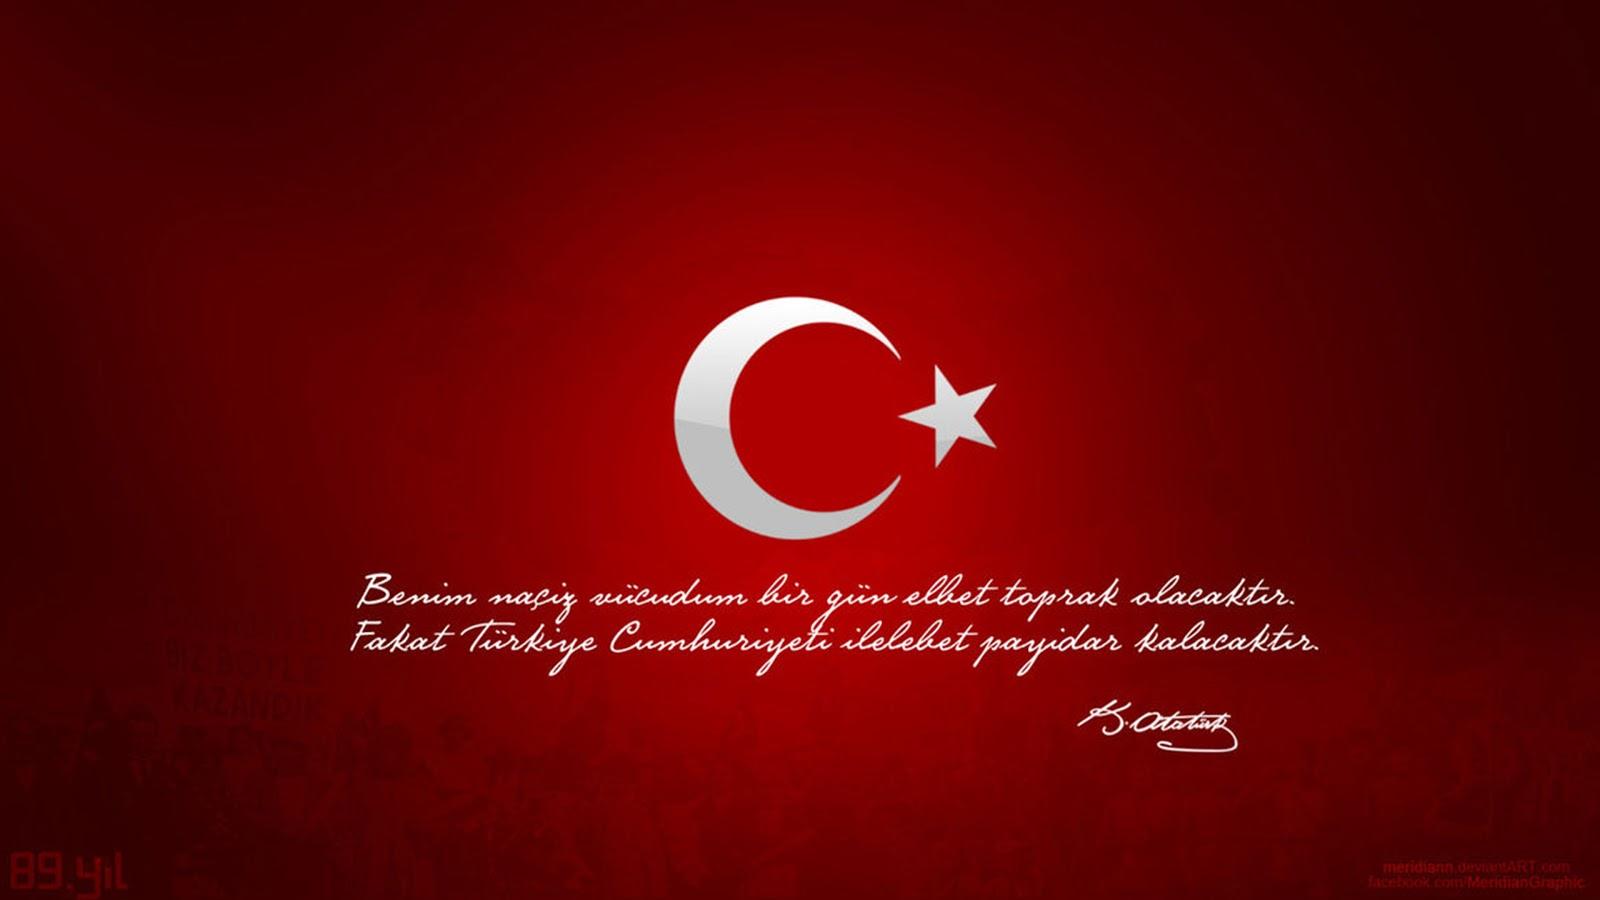 Turk Bayraklari 4k Ultrahd Cozunurlukte Turk Bayraklari